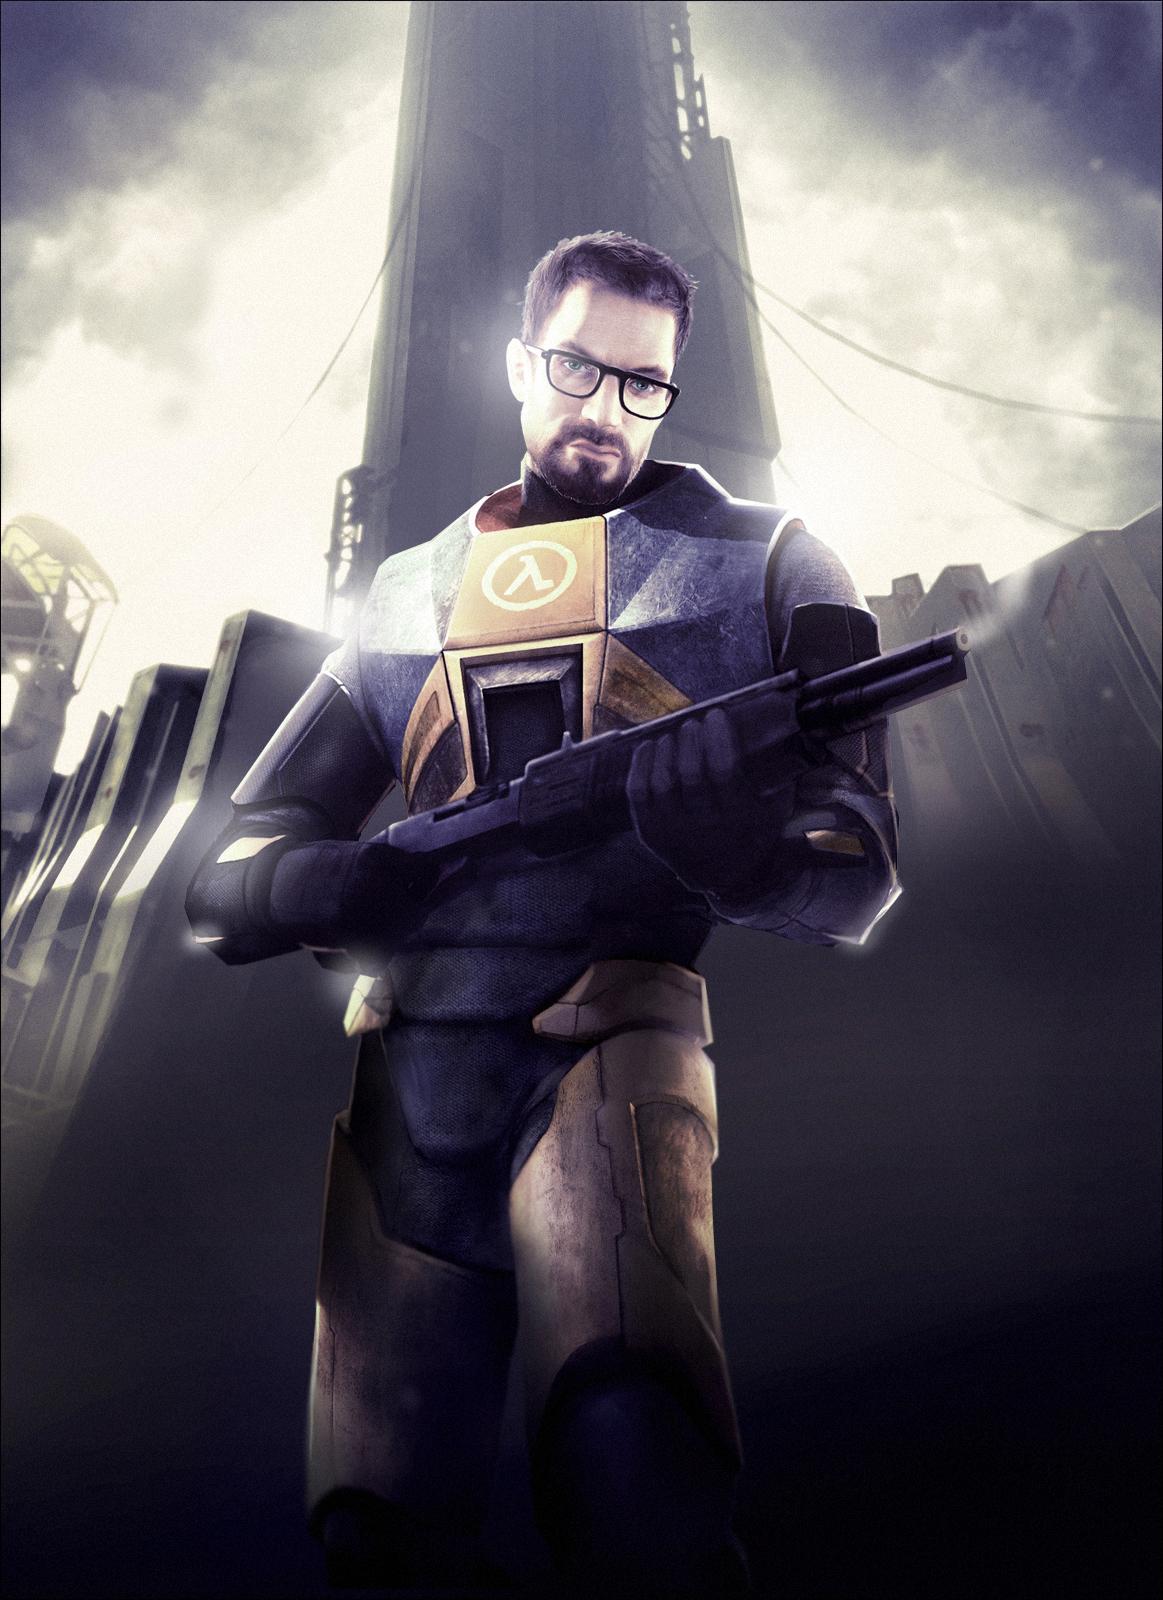 Gordon Freeman In Hl2 Holding A Smoking Shotgun Gordon